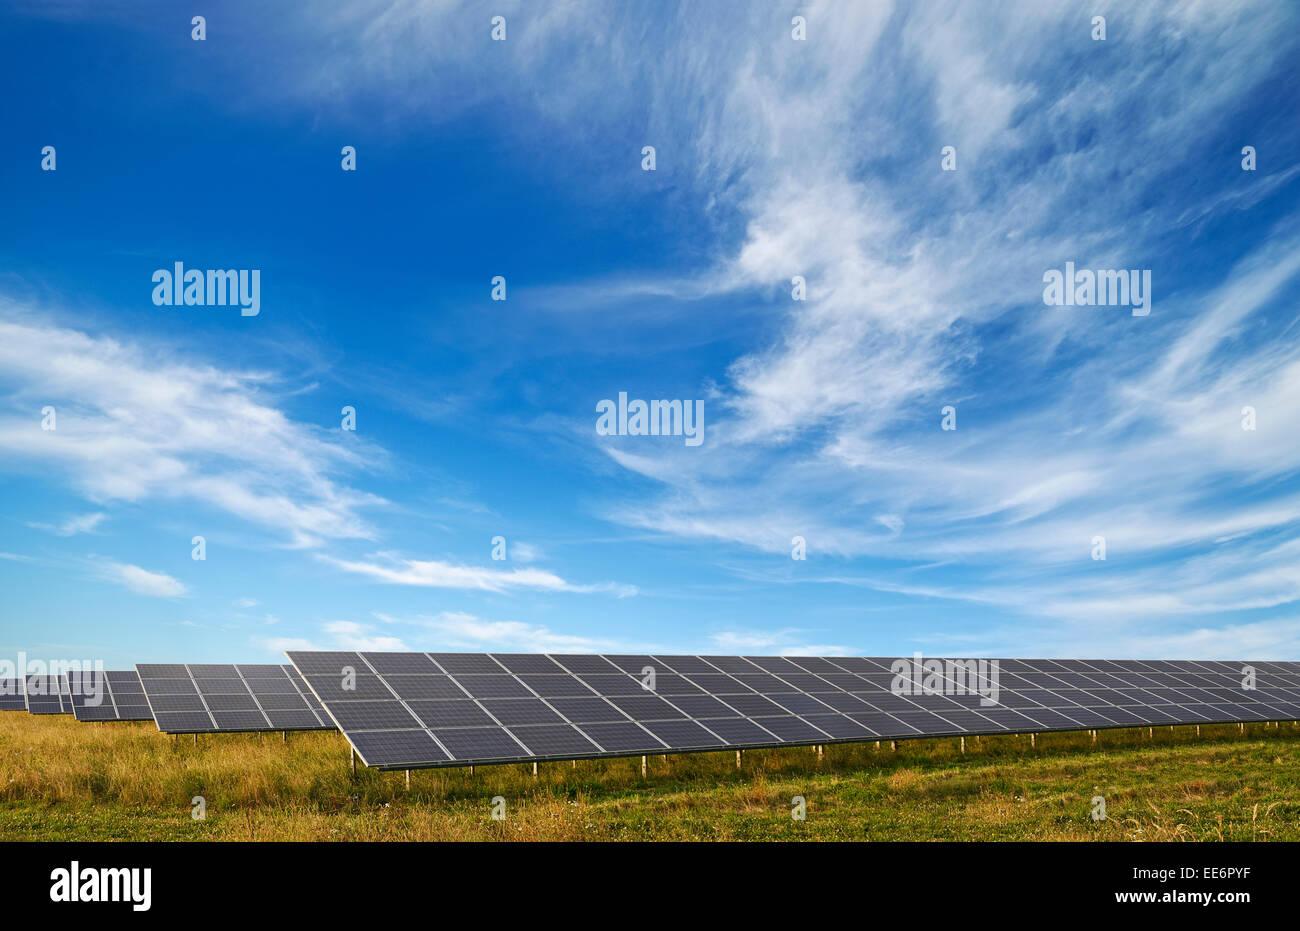 Des panneaux solaires à un parc solaire, Watchfield, Oxfordshire, UK. Photo Stock